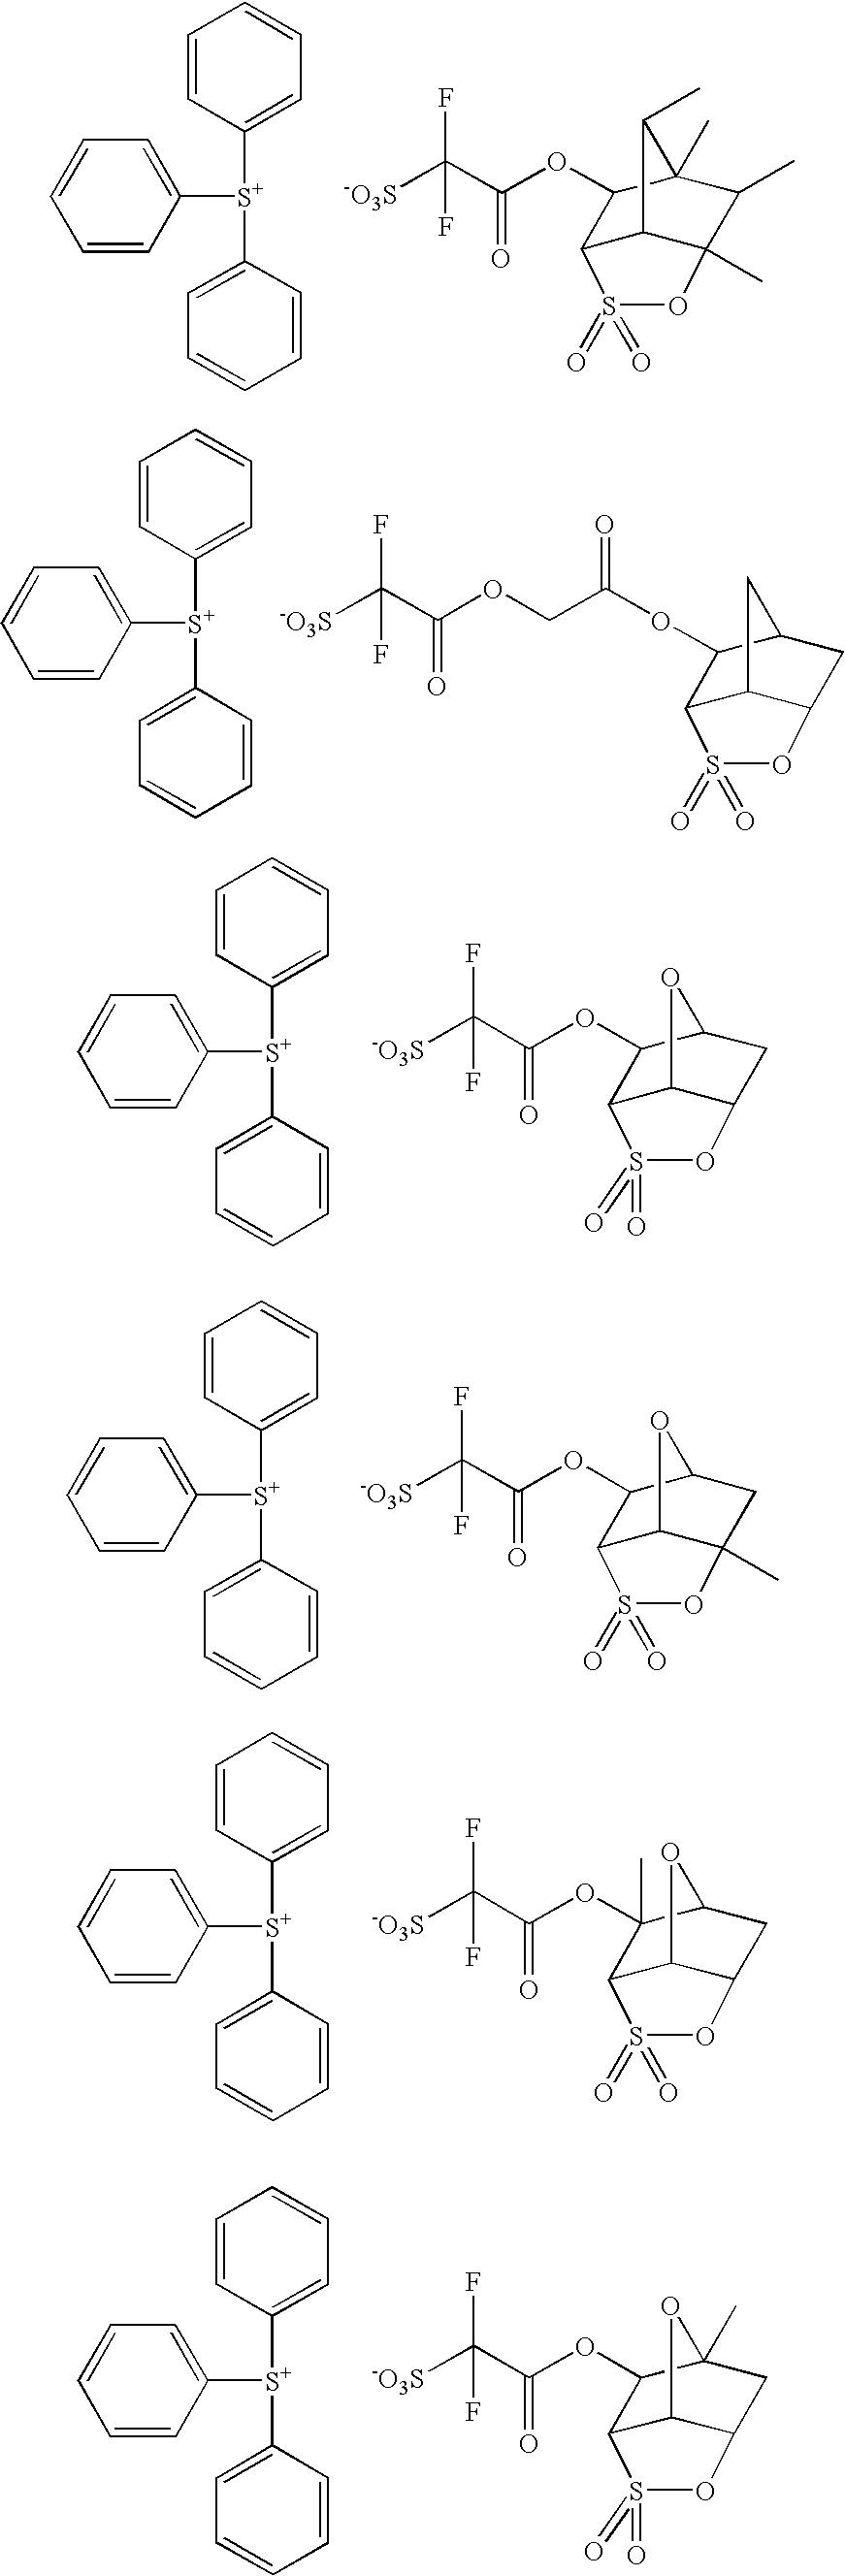 Figure US20100323296A1-20101223-C00155